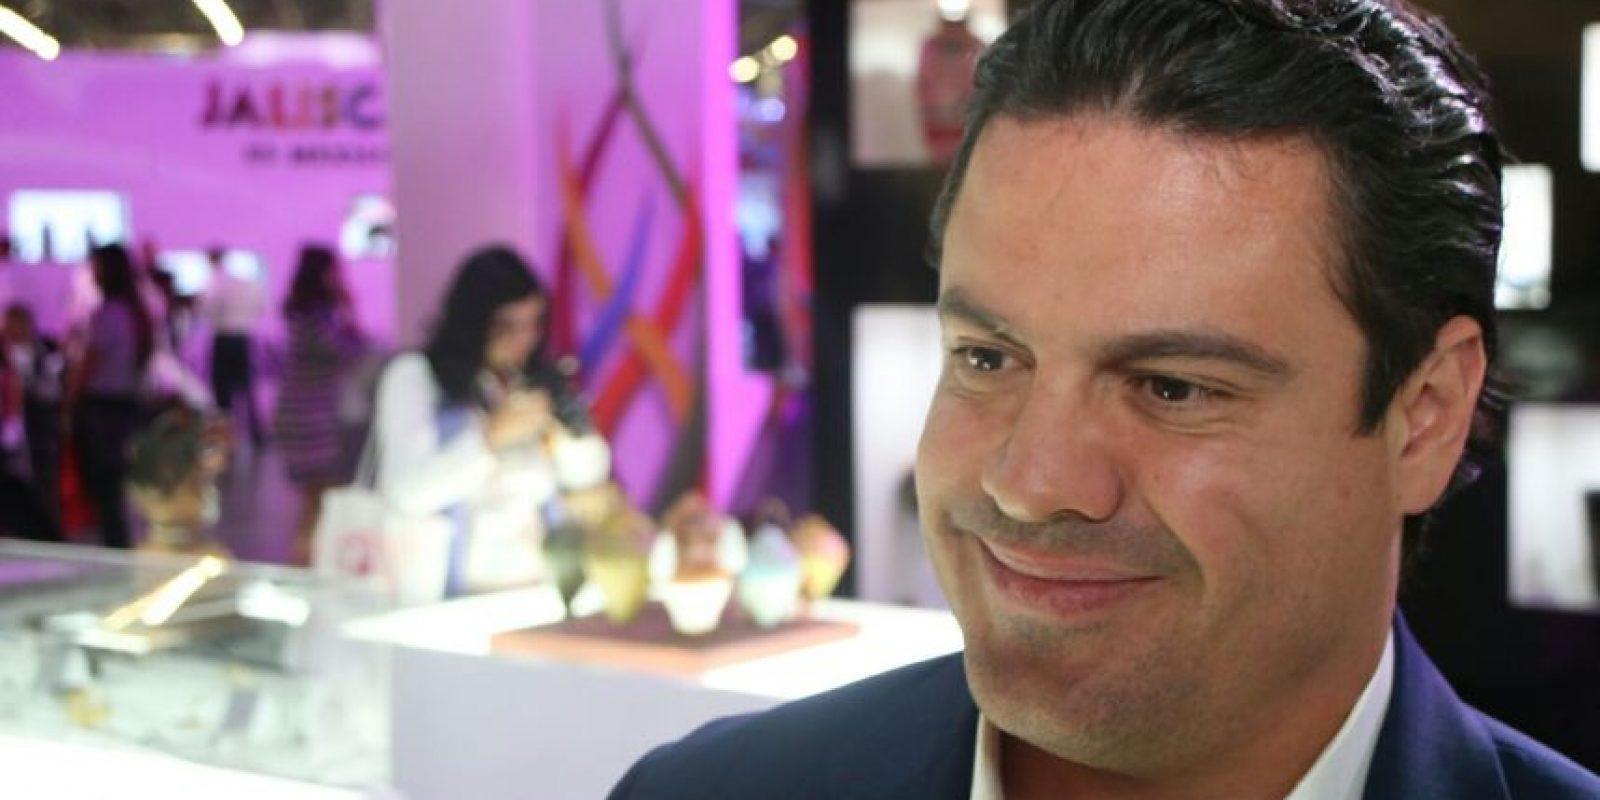 El tianguis dejará una derrama de 200 millones de pesos Foto:Jorge Puente